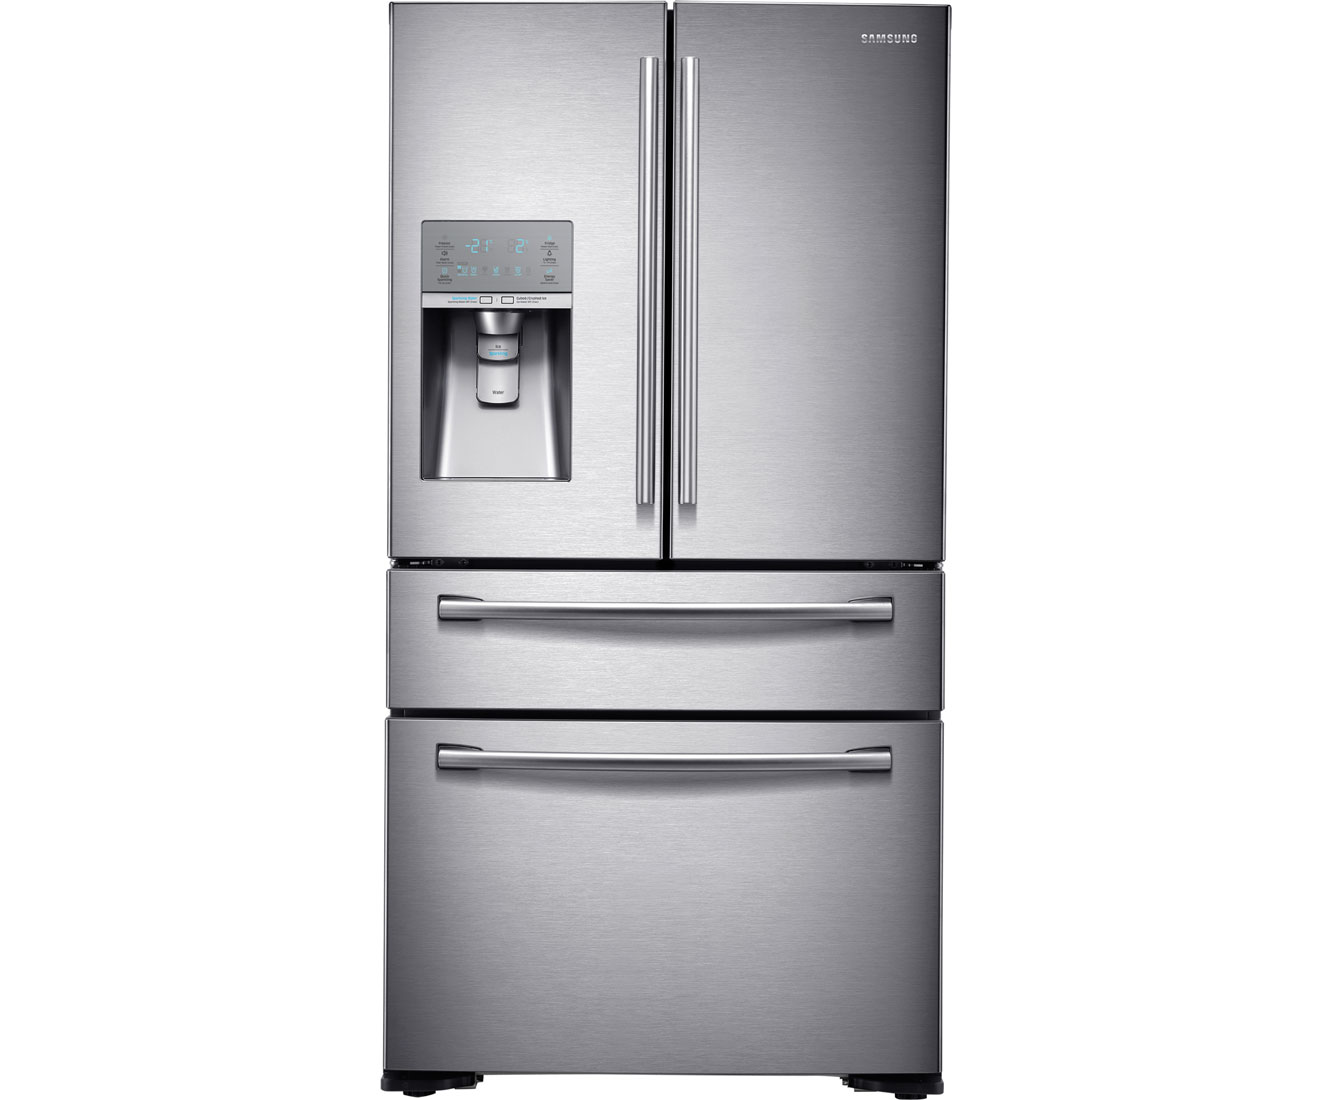 Side By Side Kühlschrank Preisvergleich : Kühlschrank samsung side by side preisvergleich u die besten